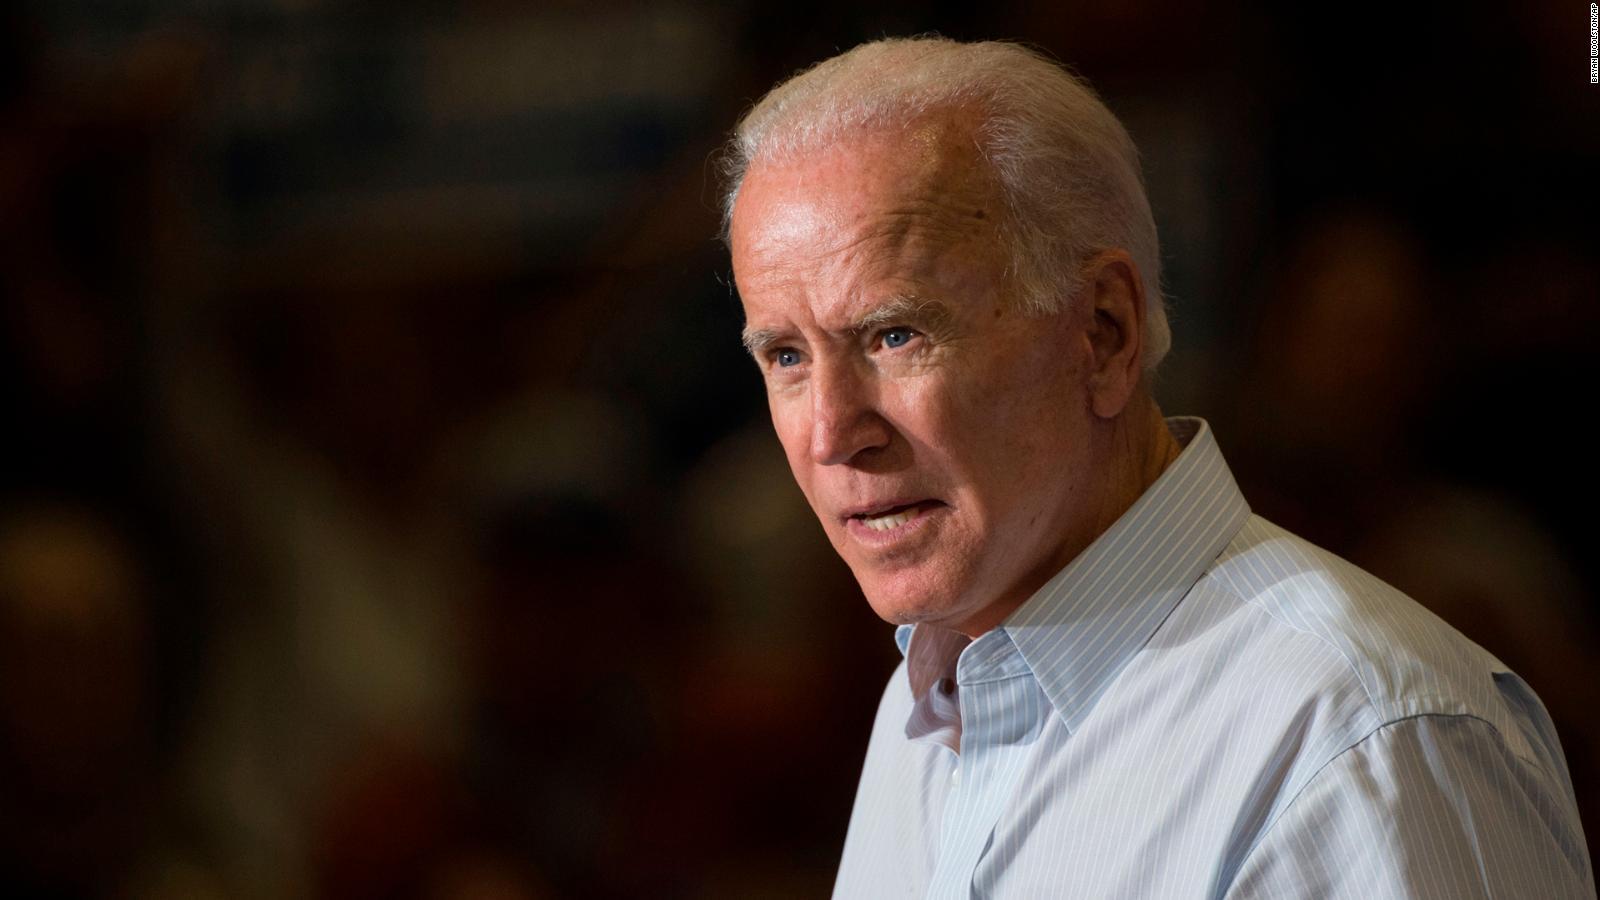 #FraseDirecta: Joe Biden dice que está cansado de la actual administración de EE.UU.